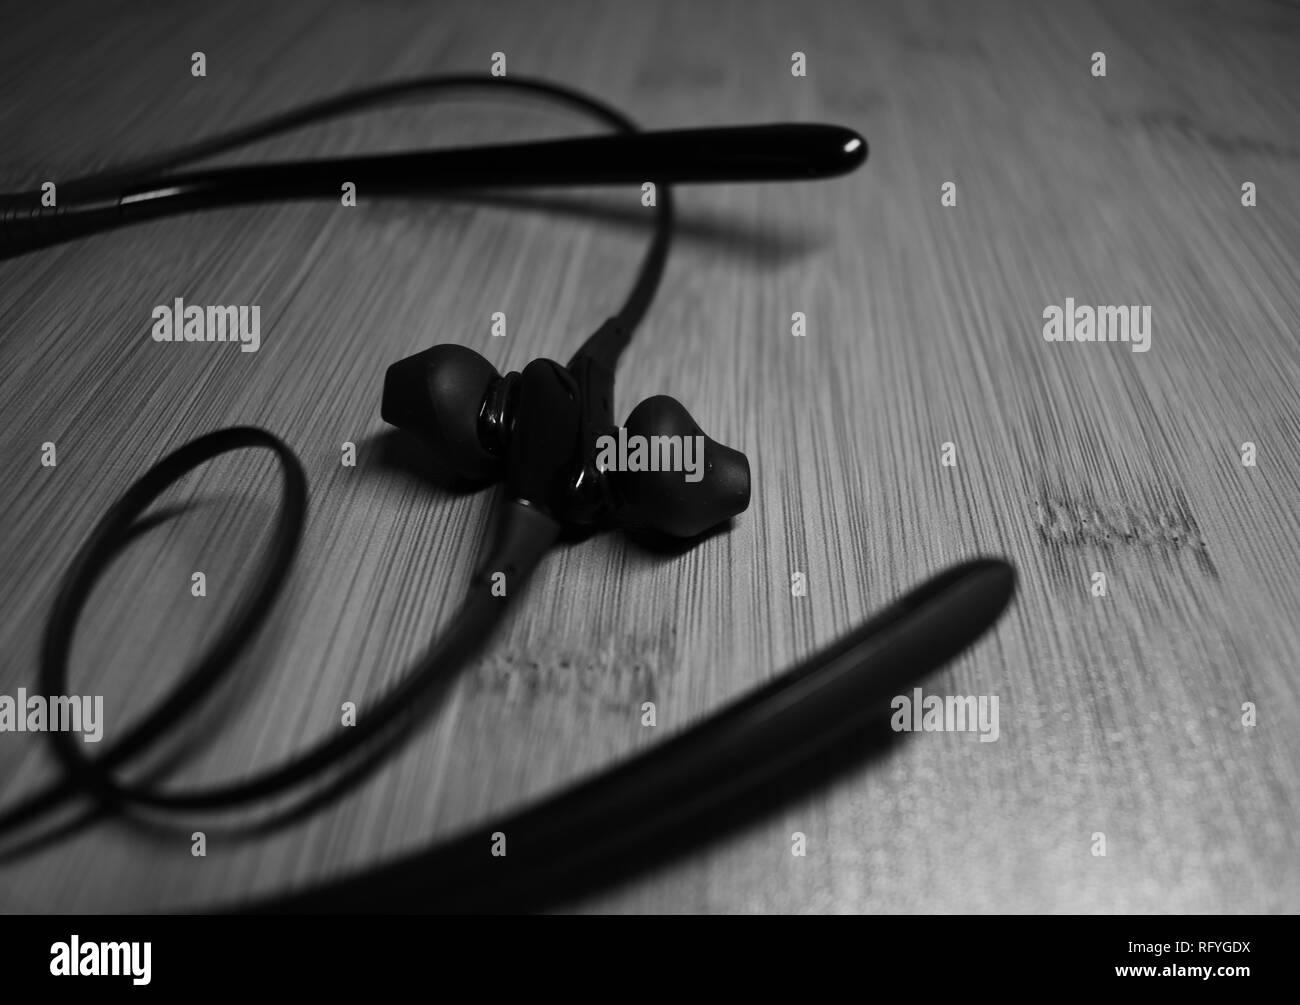 Une paire d'écouteurs Bluetooth. En noir & blanc Banque D'Images